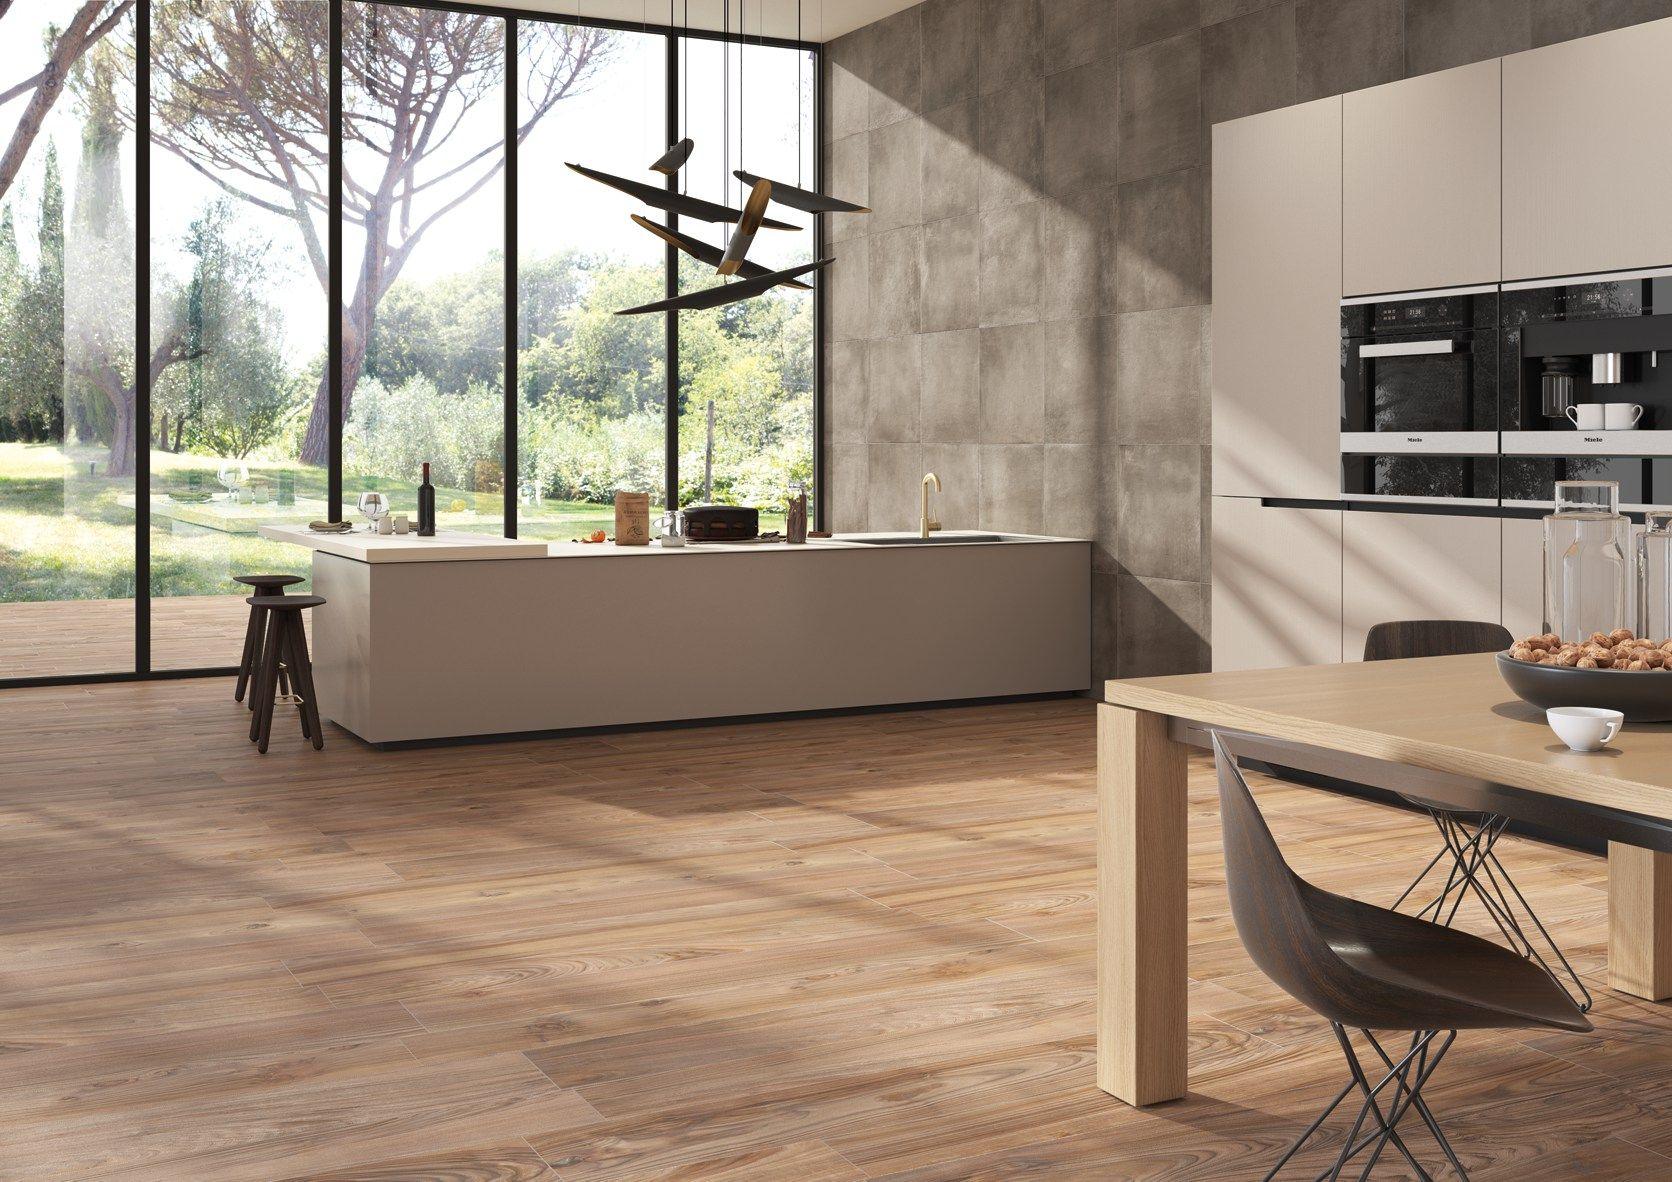 Cucine Moderne Bianche Effetto Legno.Gres Effetto Legno Cucina Top Piastrelle Cucina Idee E Soluzioni In